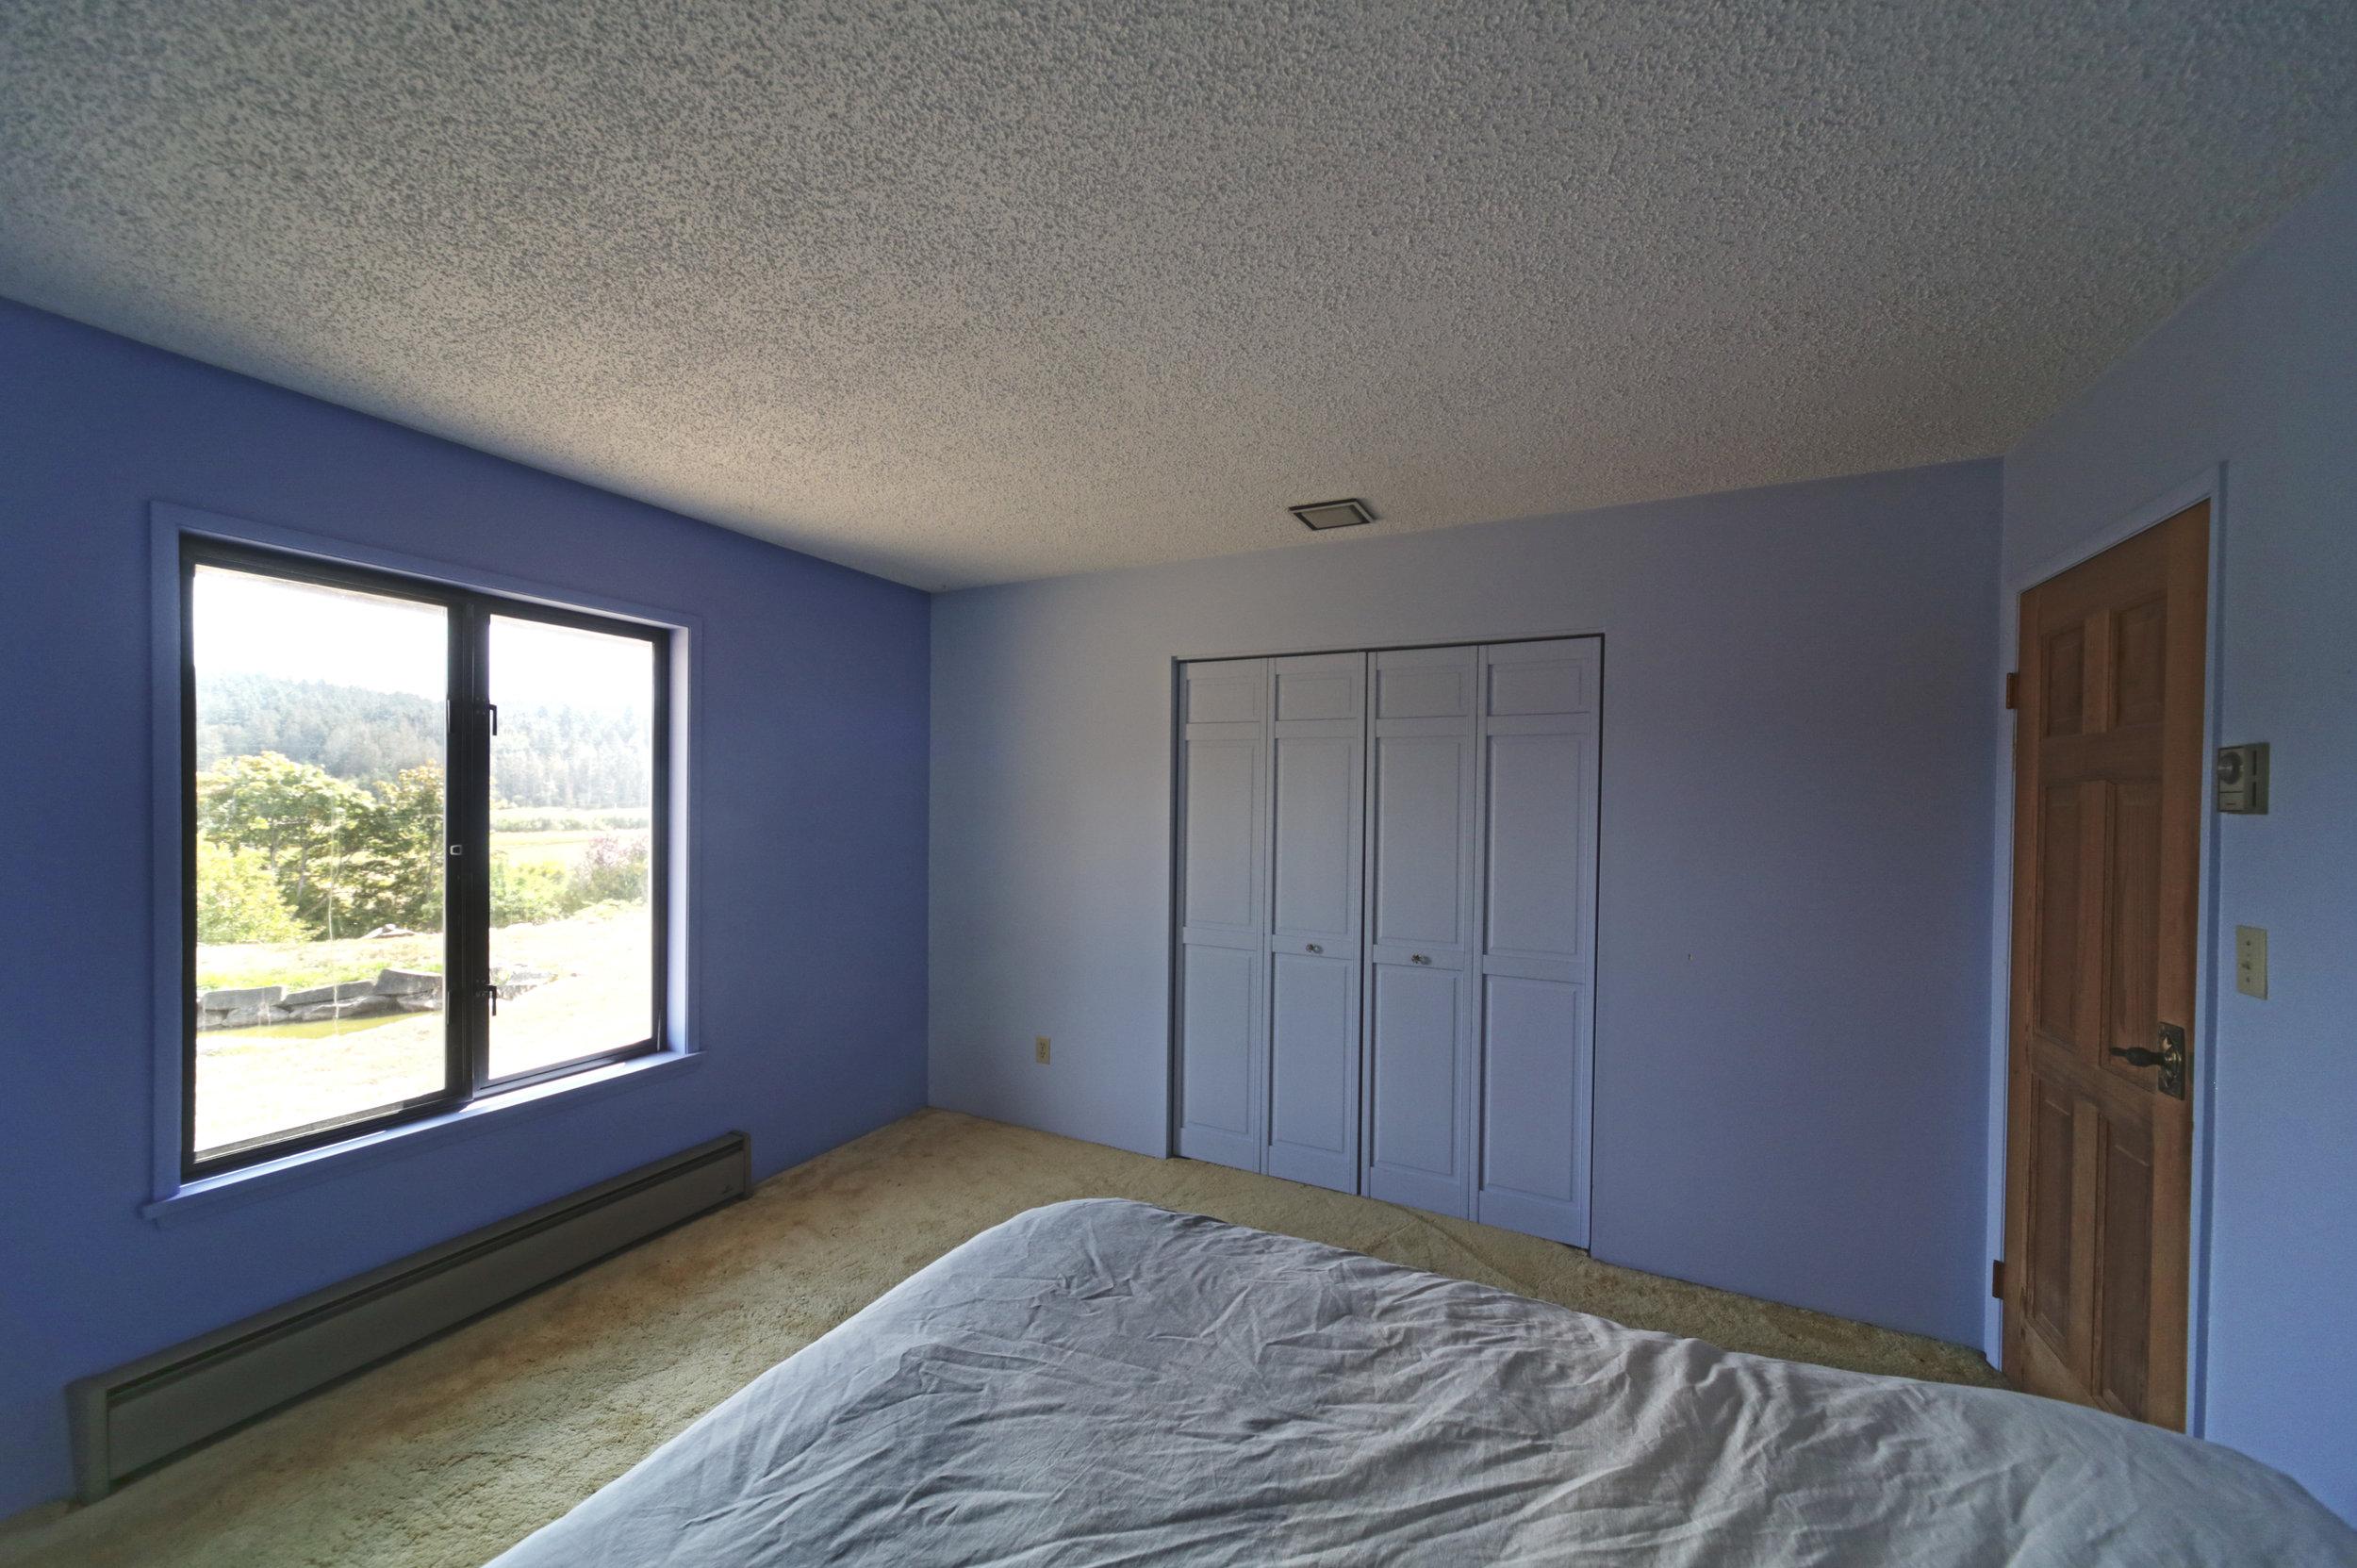 bedroom02_HDR2.jpg